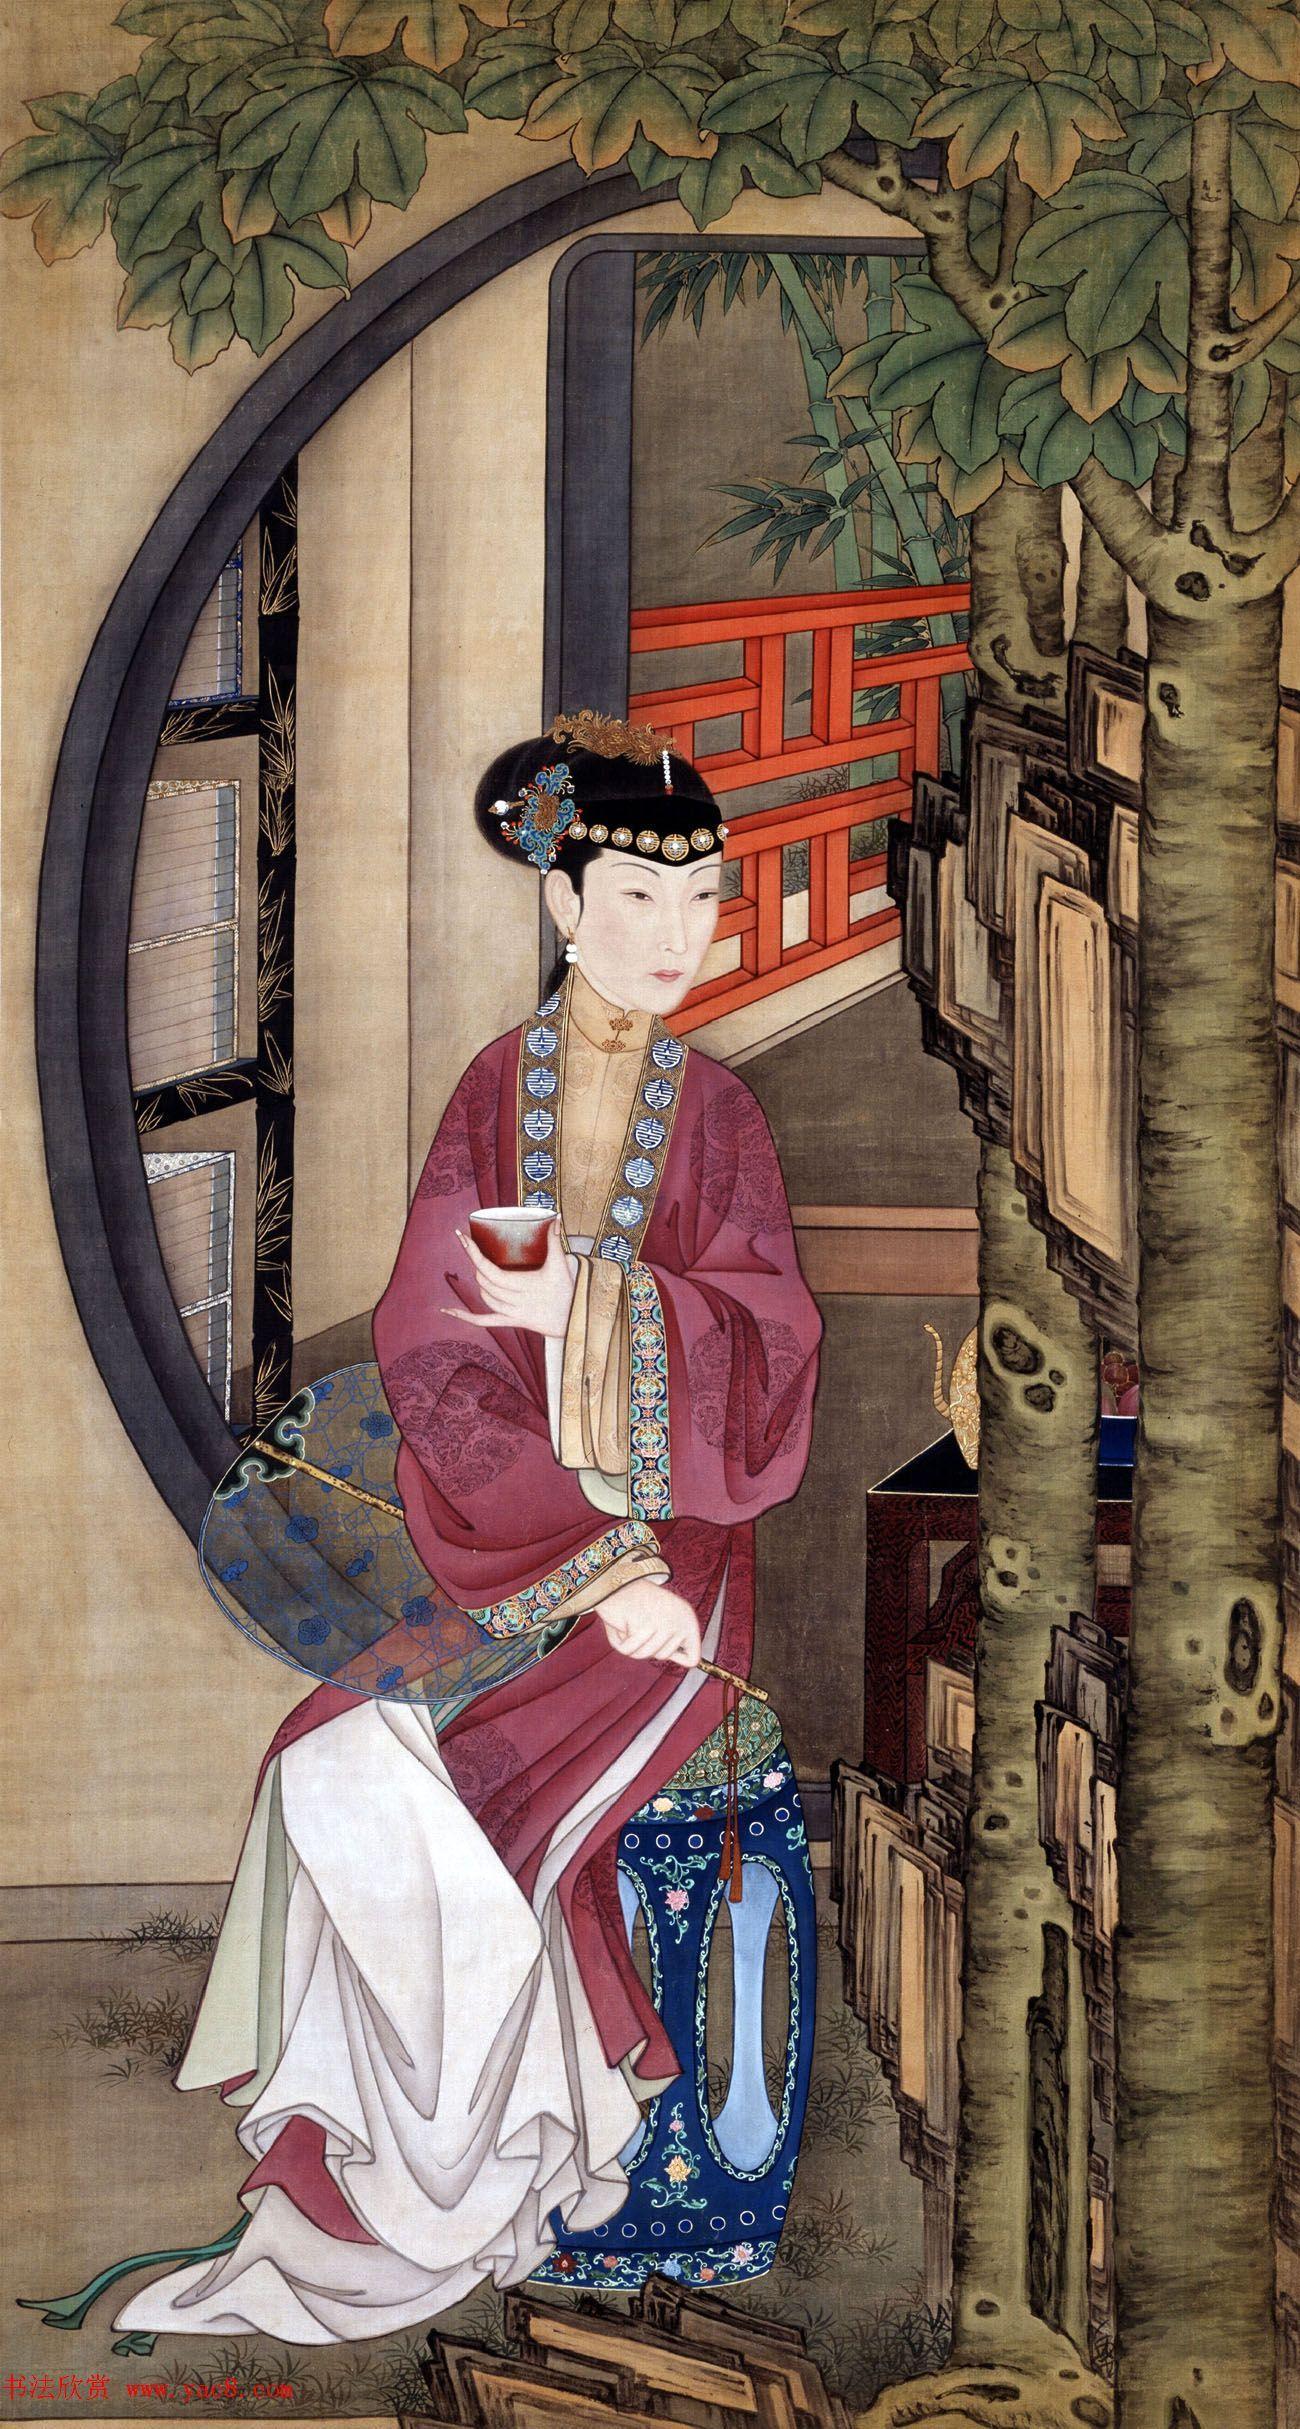 工笔重彩人物画欣赏:故宫十二美人动起来!